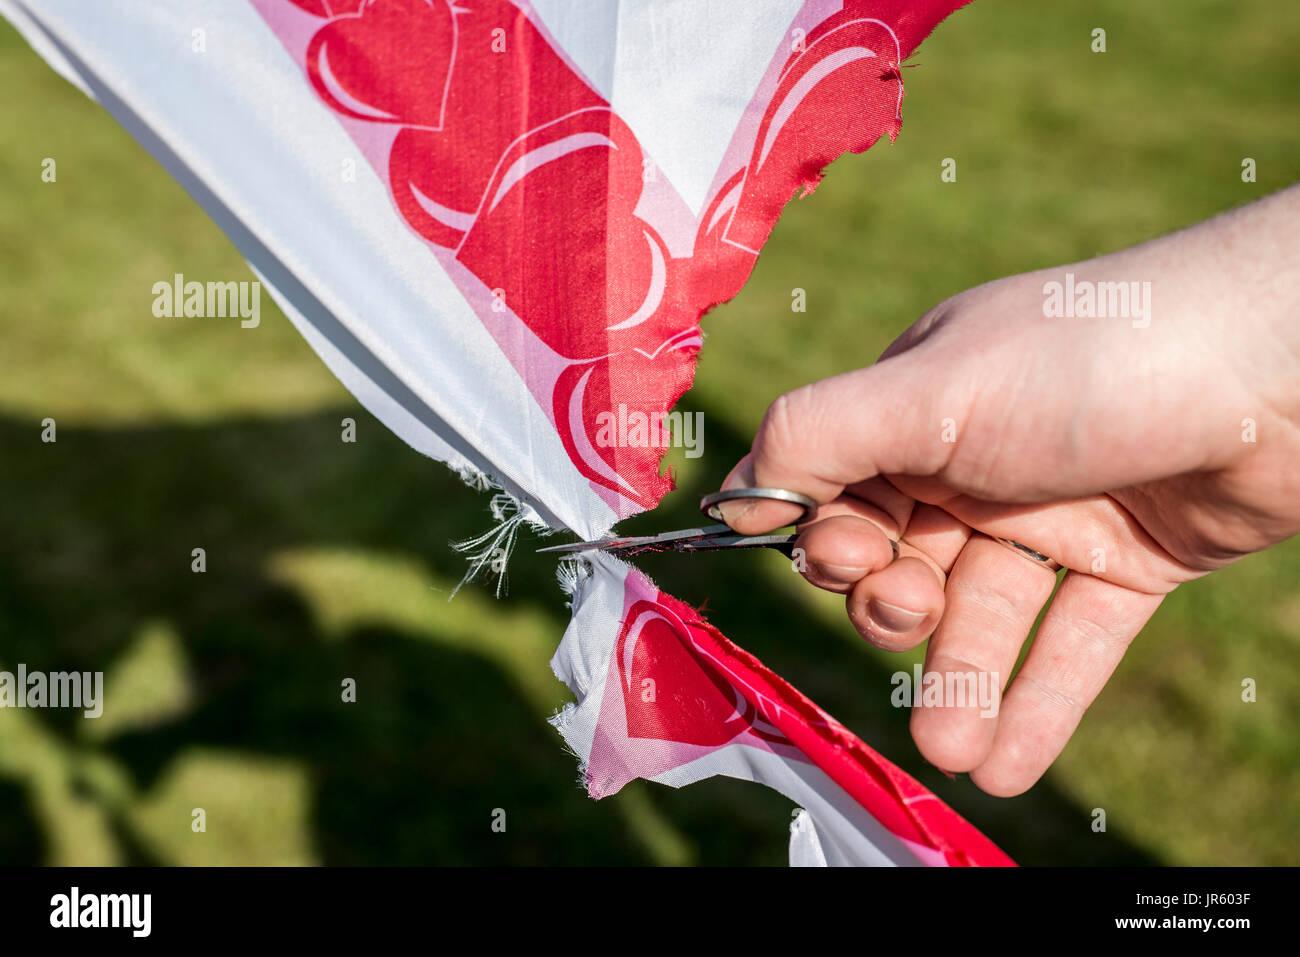 Hombre corta tijeras con la mano en el dedo corazón cuarteado tradición boda detalle closeup Imagen De Stock